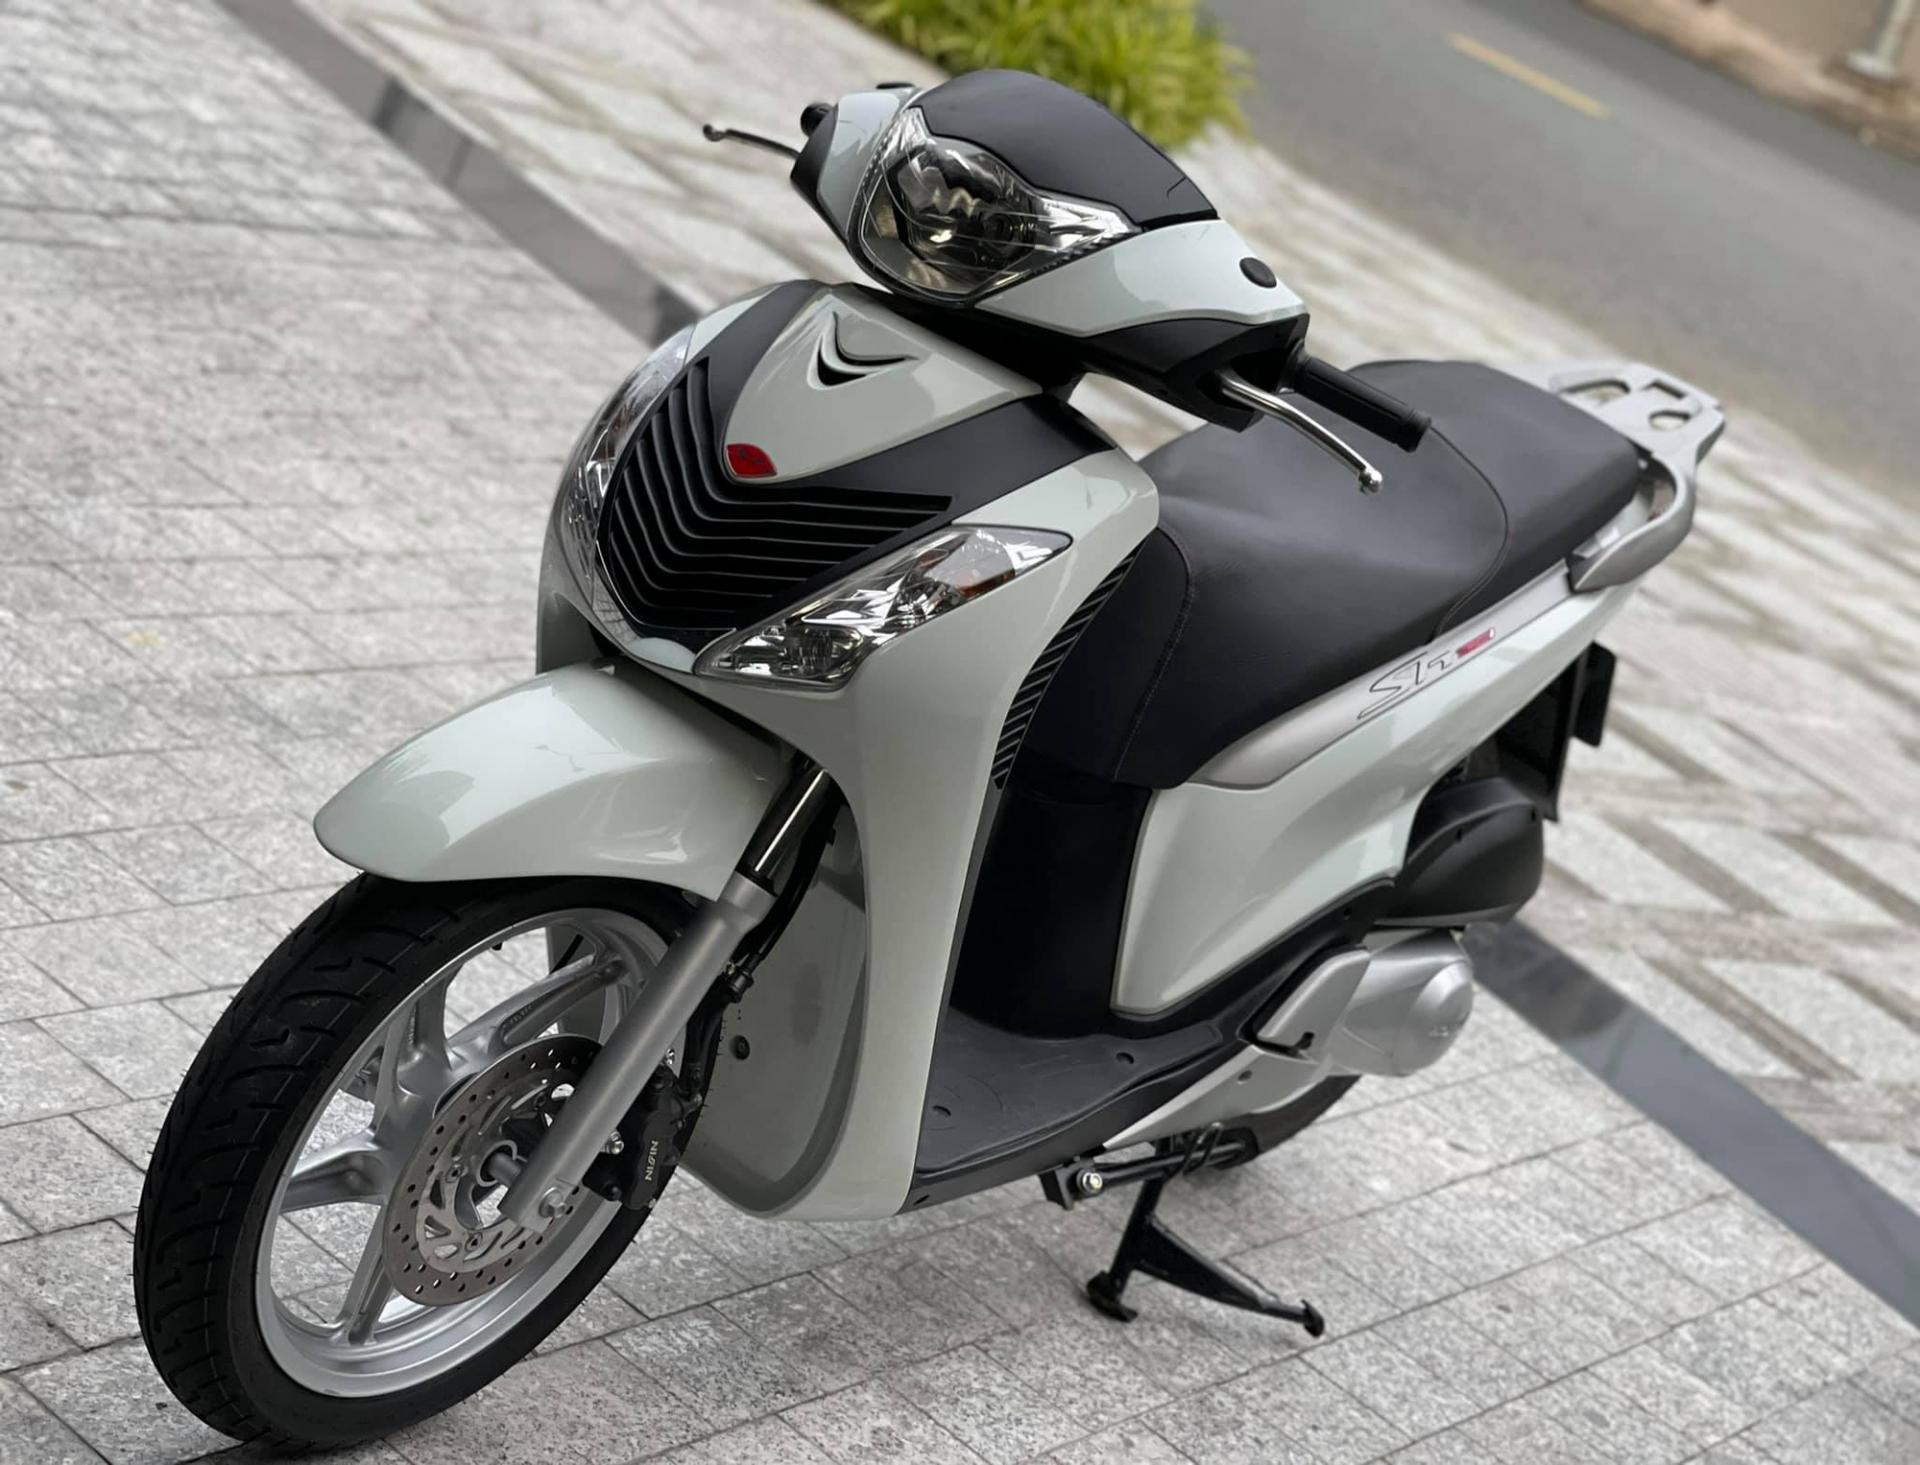 Honda SH 150i cũ rao bán giá 1 tỷ đồng, xe tìm được chủ mới chỉ sau 4 ngày 2